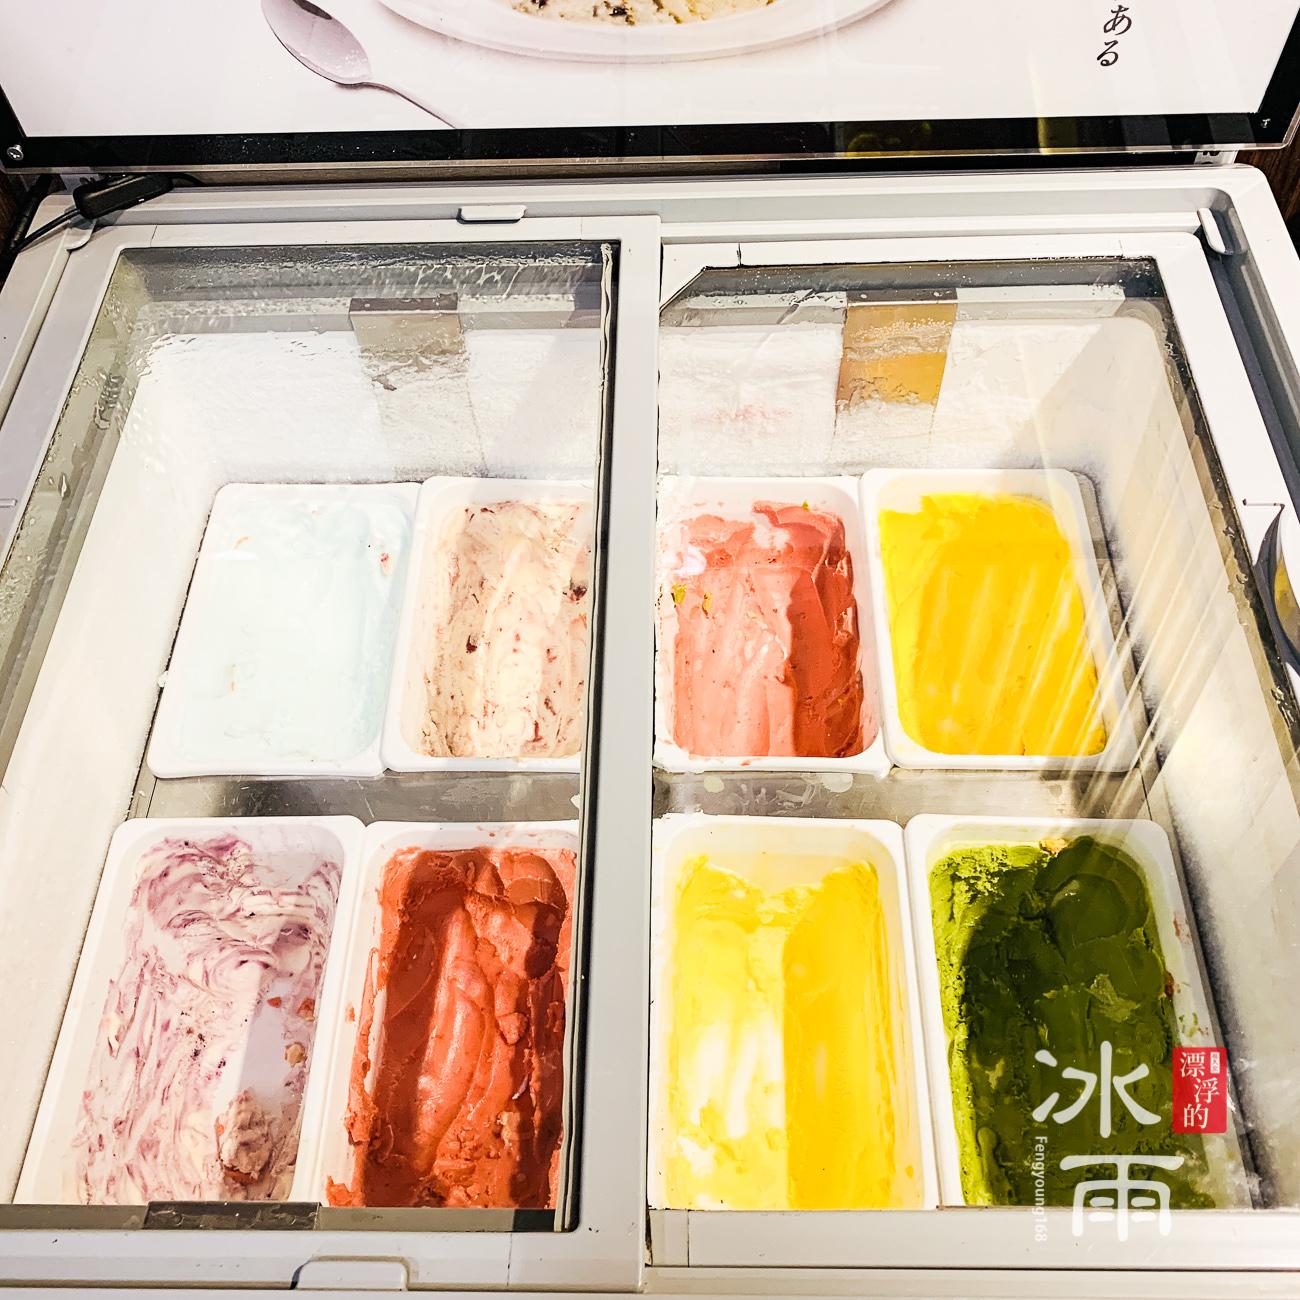 川湯春天溫泉飯店德陽館|早餐|冰淇淋!